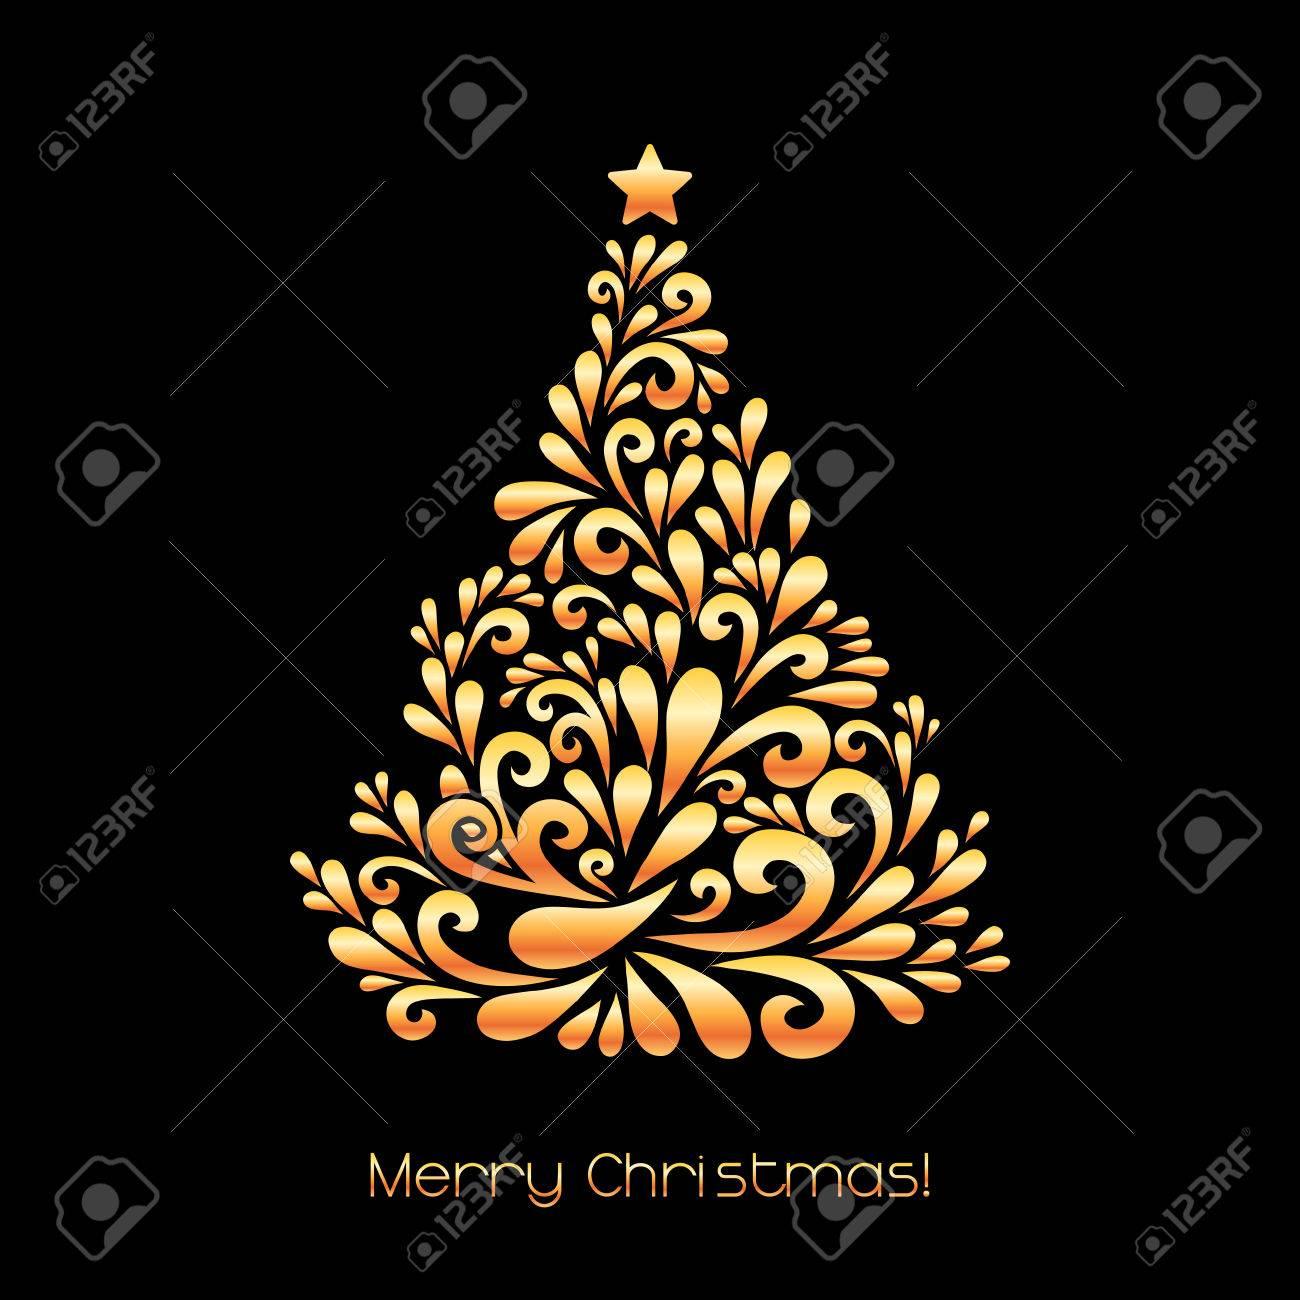 Albero Di Natale Nero E Oro.Albero Di Natale Astratto Decorazione Vettoriale E Composta Da Forme Turbolenza Saluto Carta Di Invito Semplice Nero Decorativo E Illustrazione